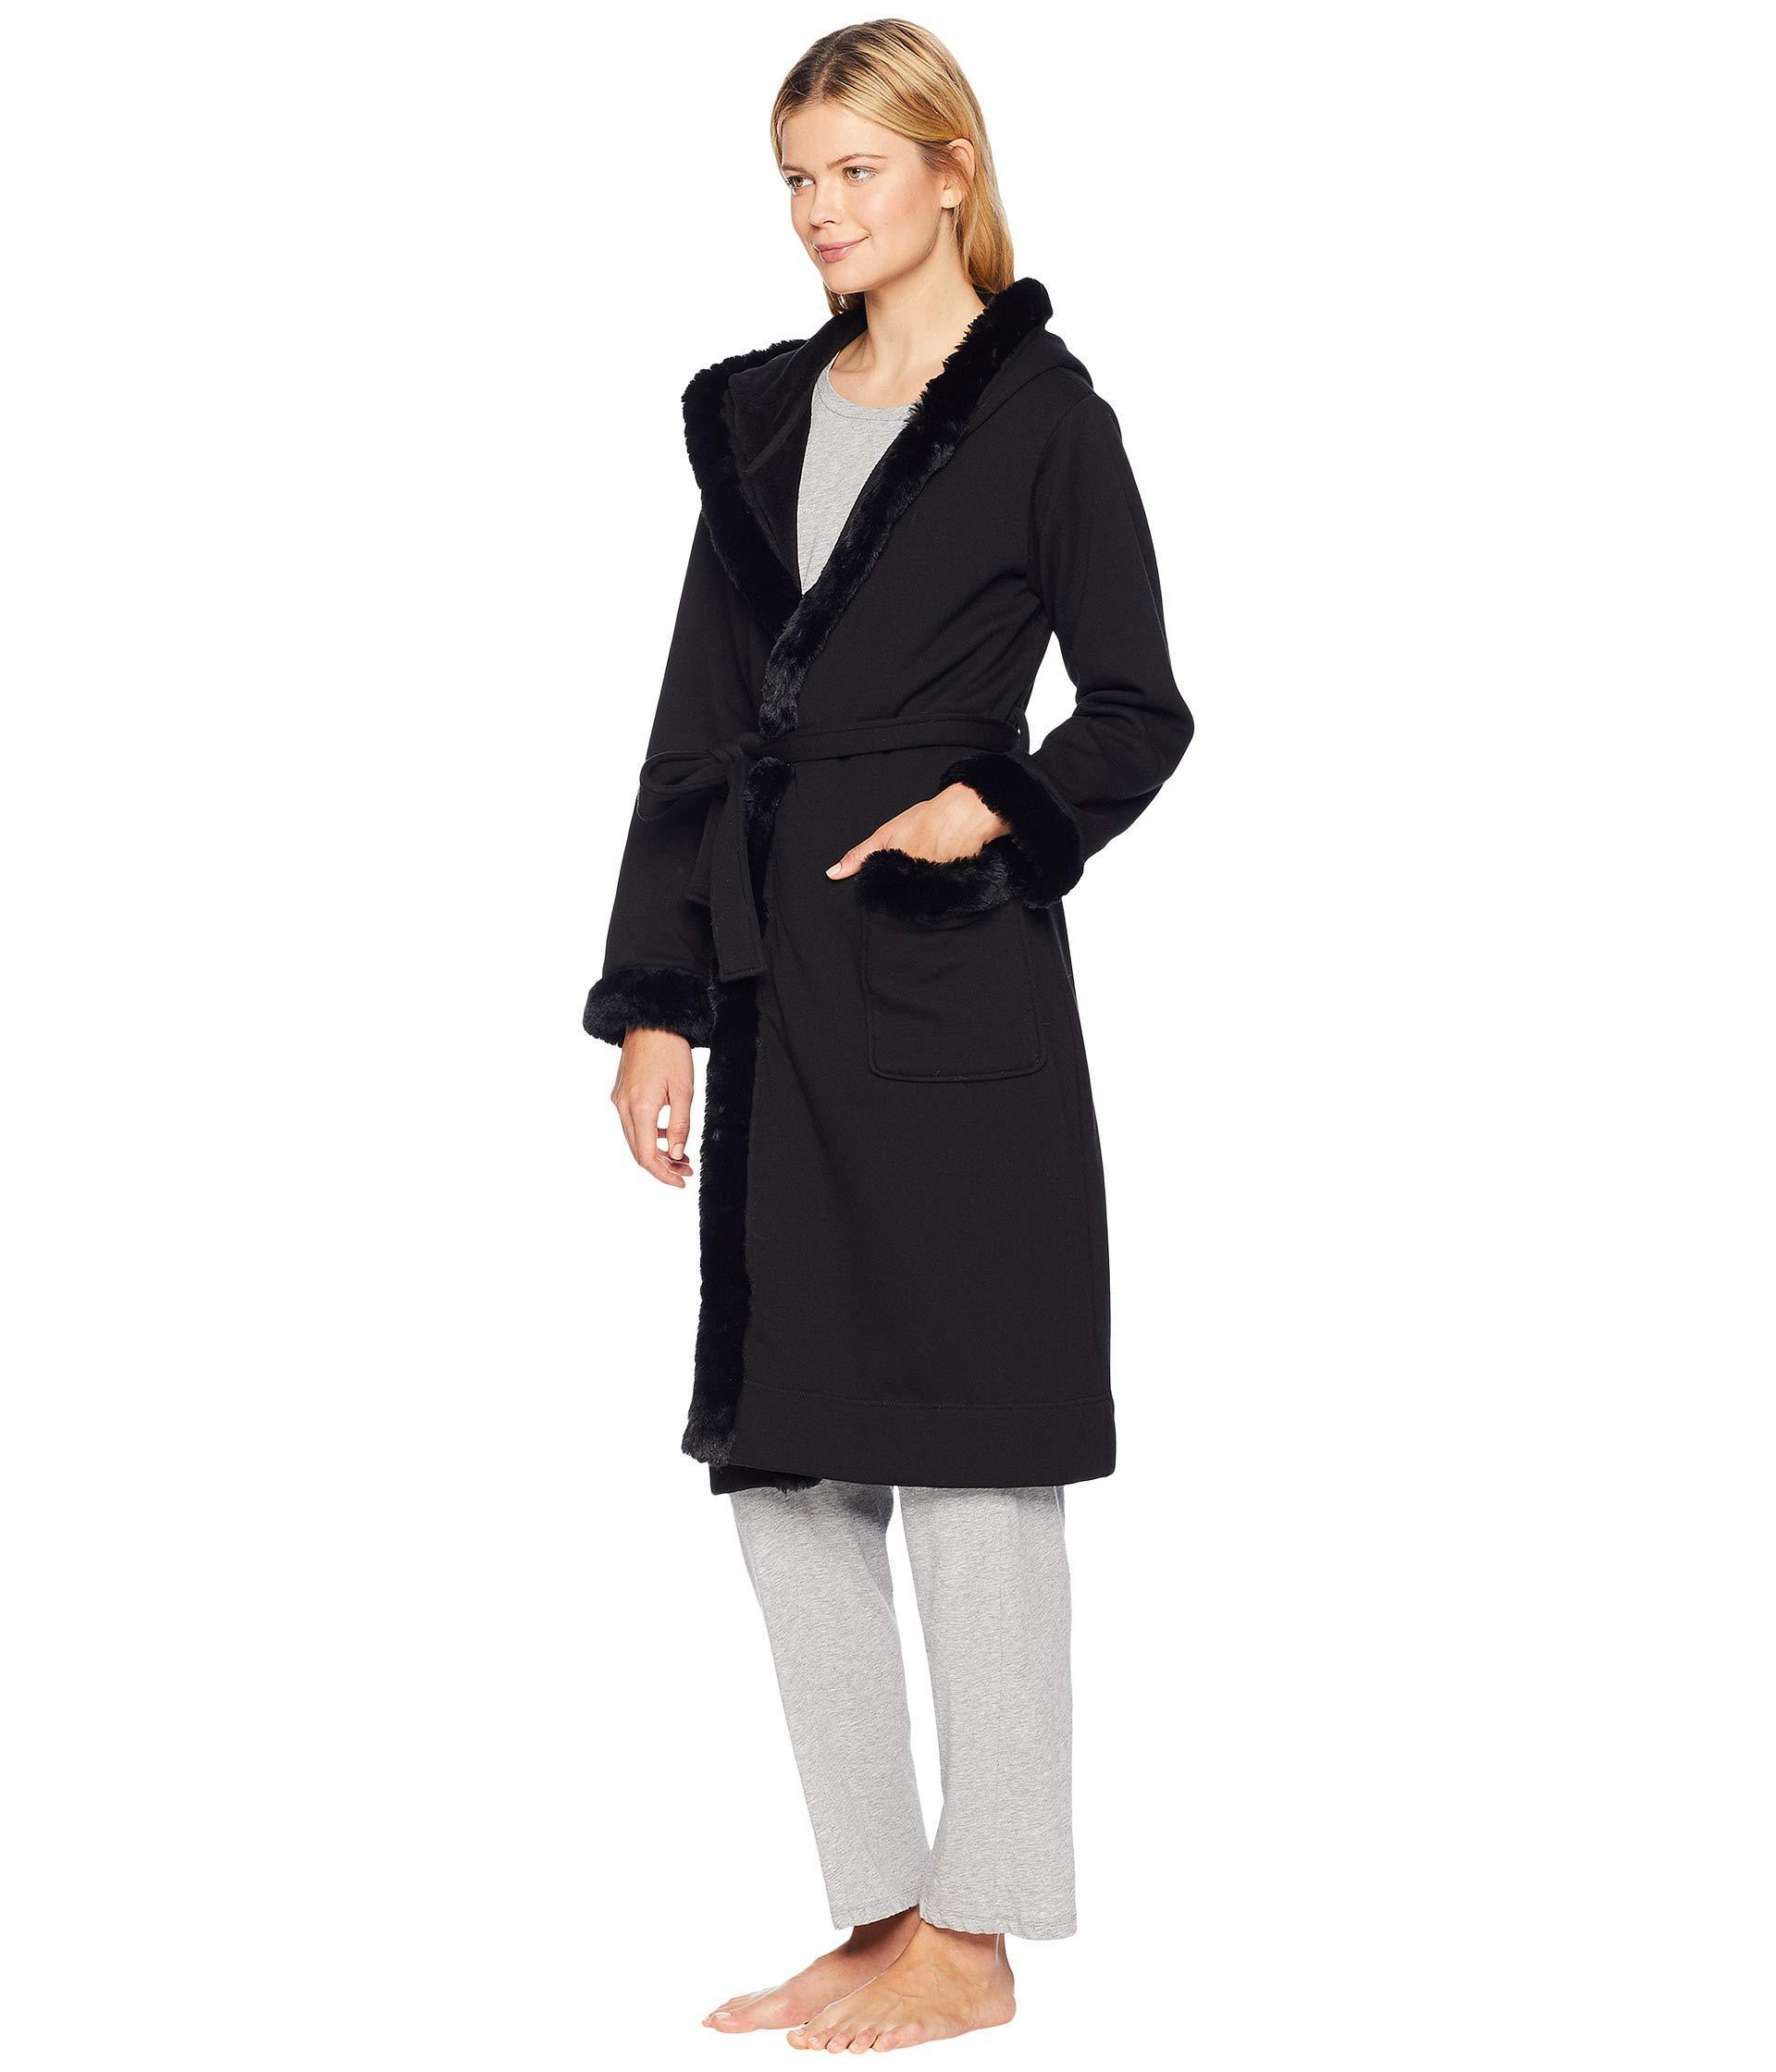 Lyst - UGG Duffield Deluxe Ii Robe (black) Women s Robe in Black f636f446f